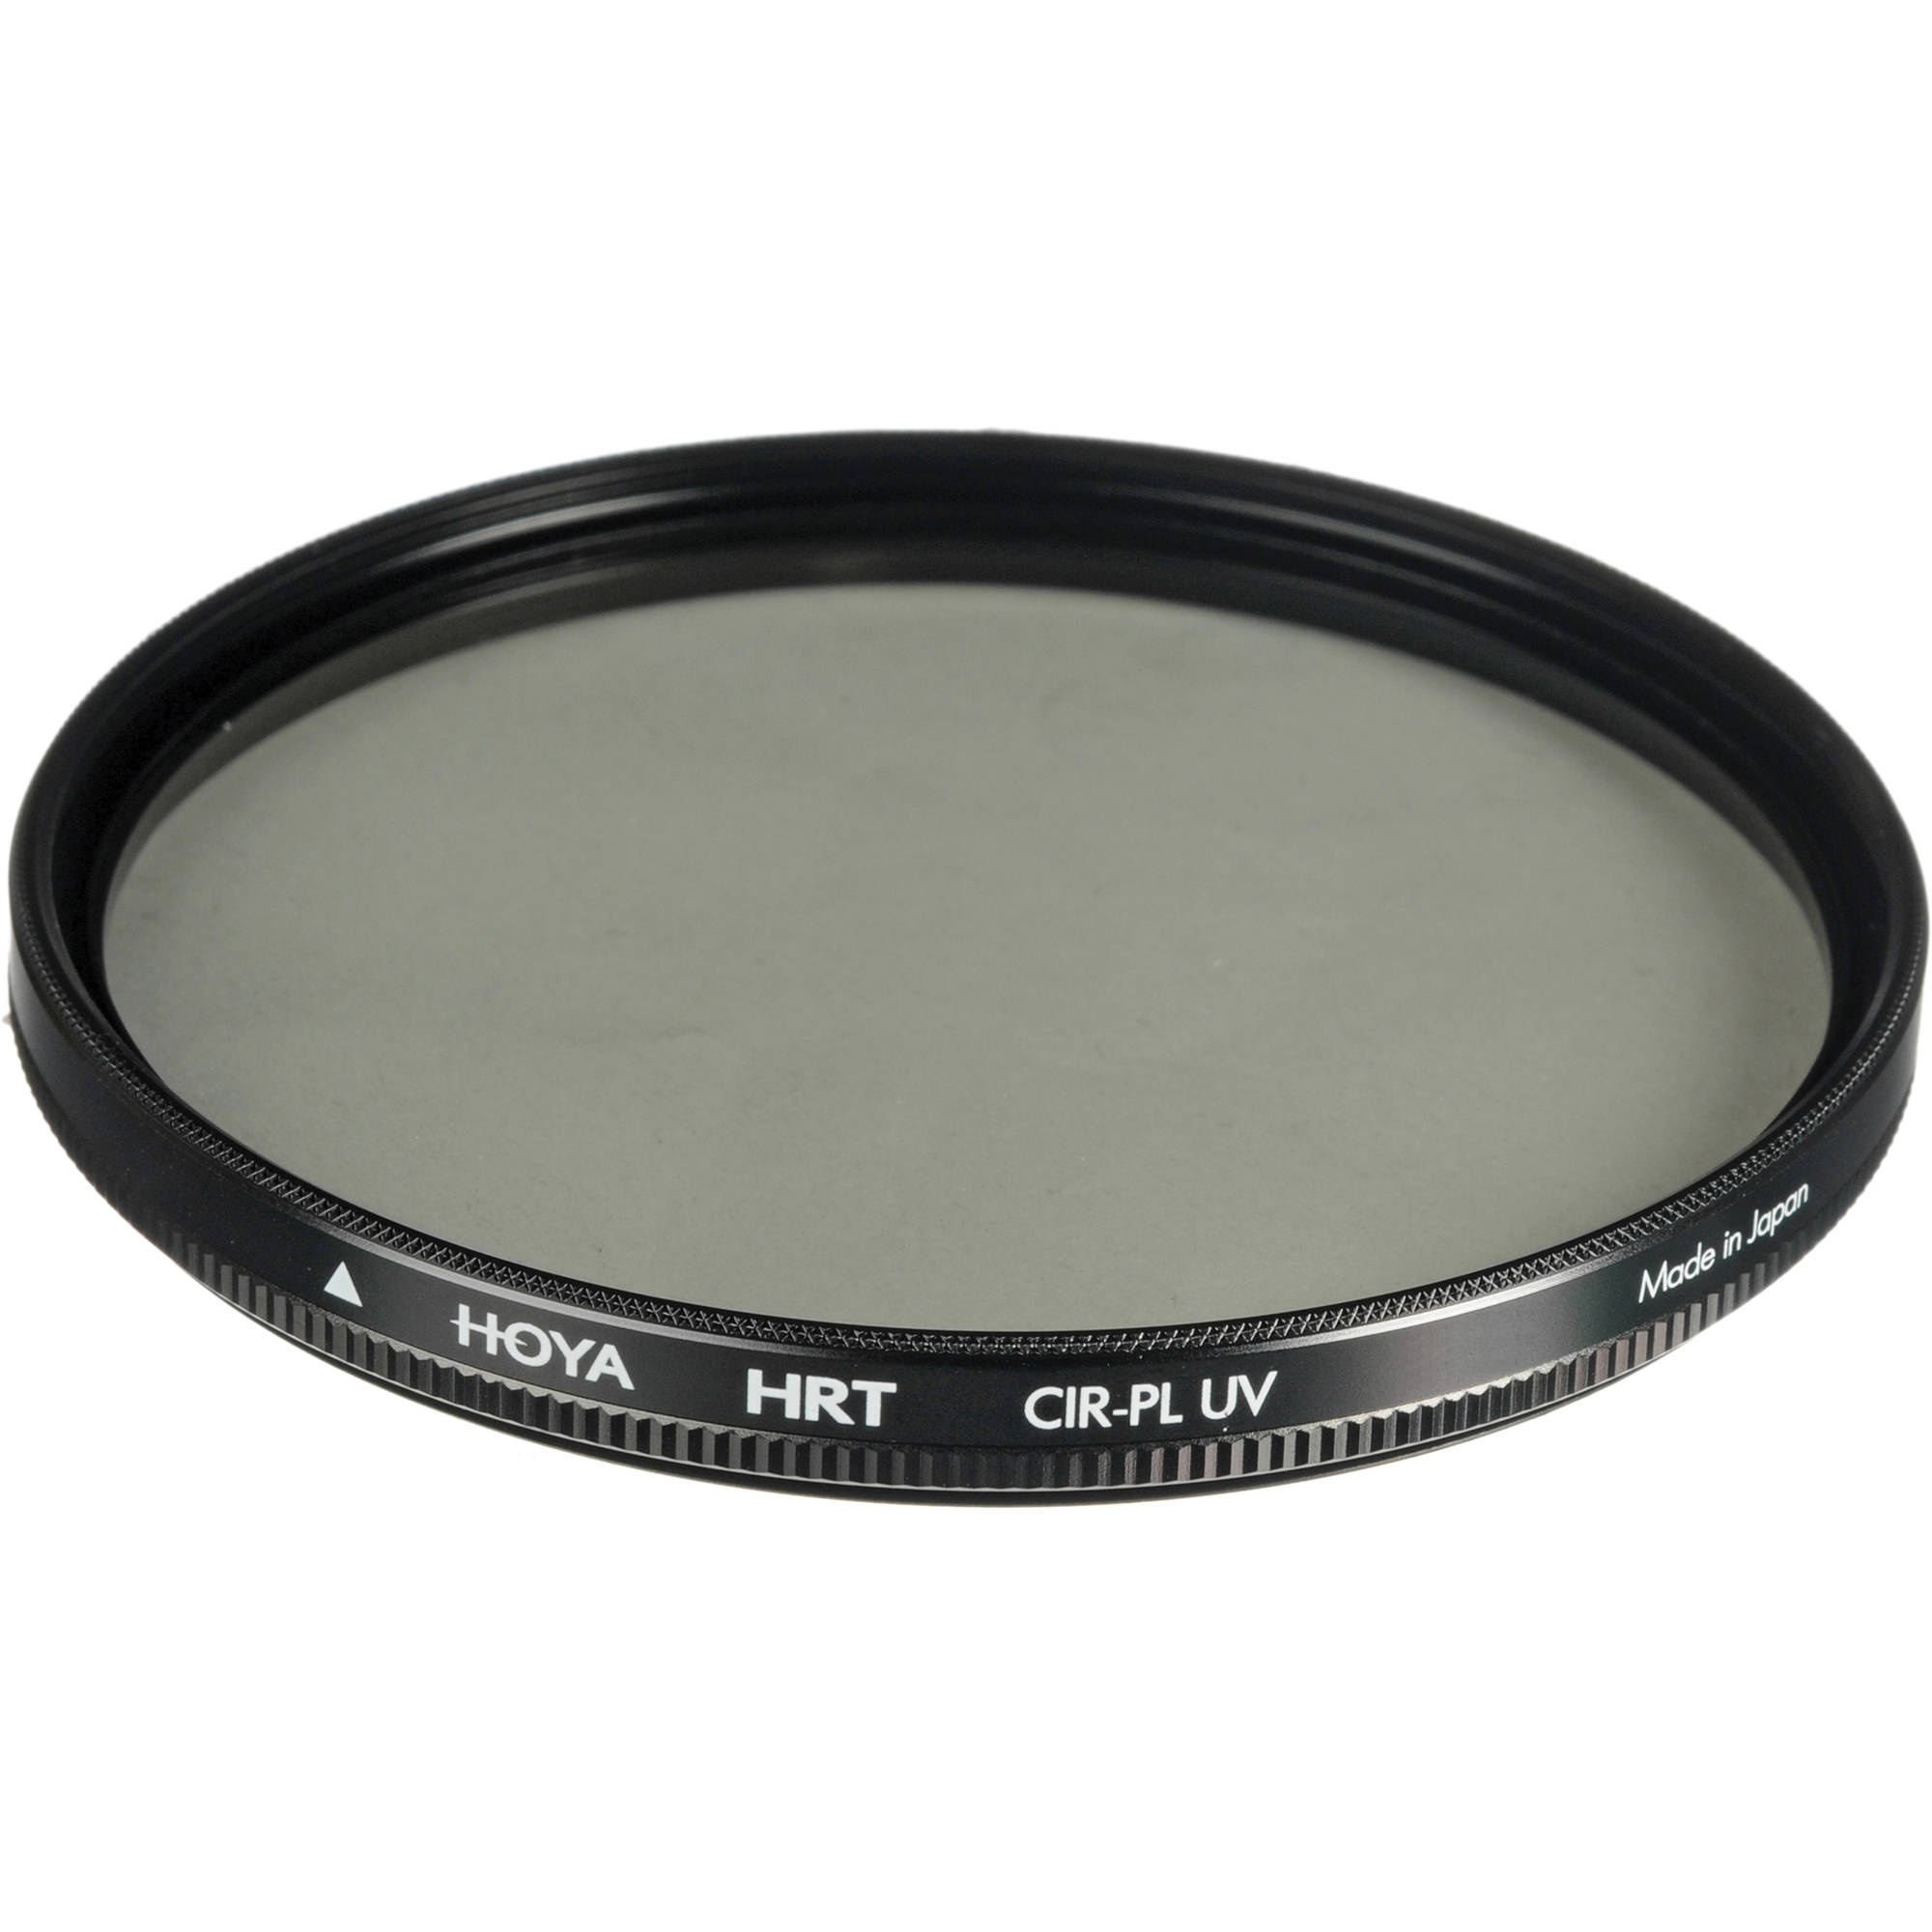 Hoya 72mm HRT Circular Polarizing Filter